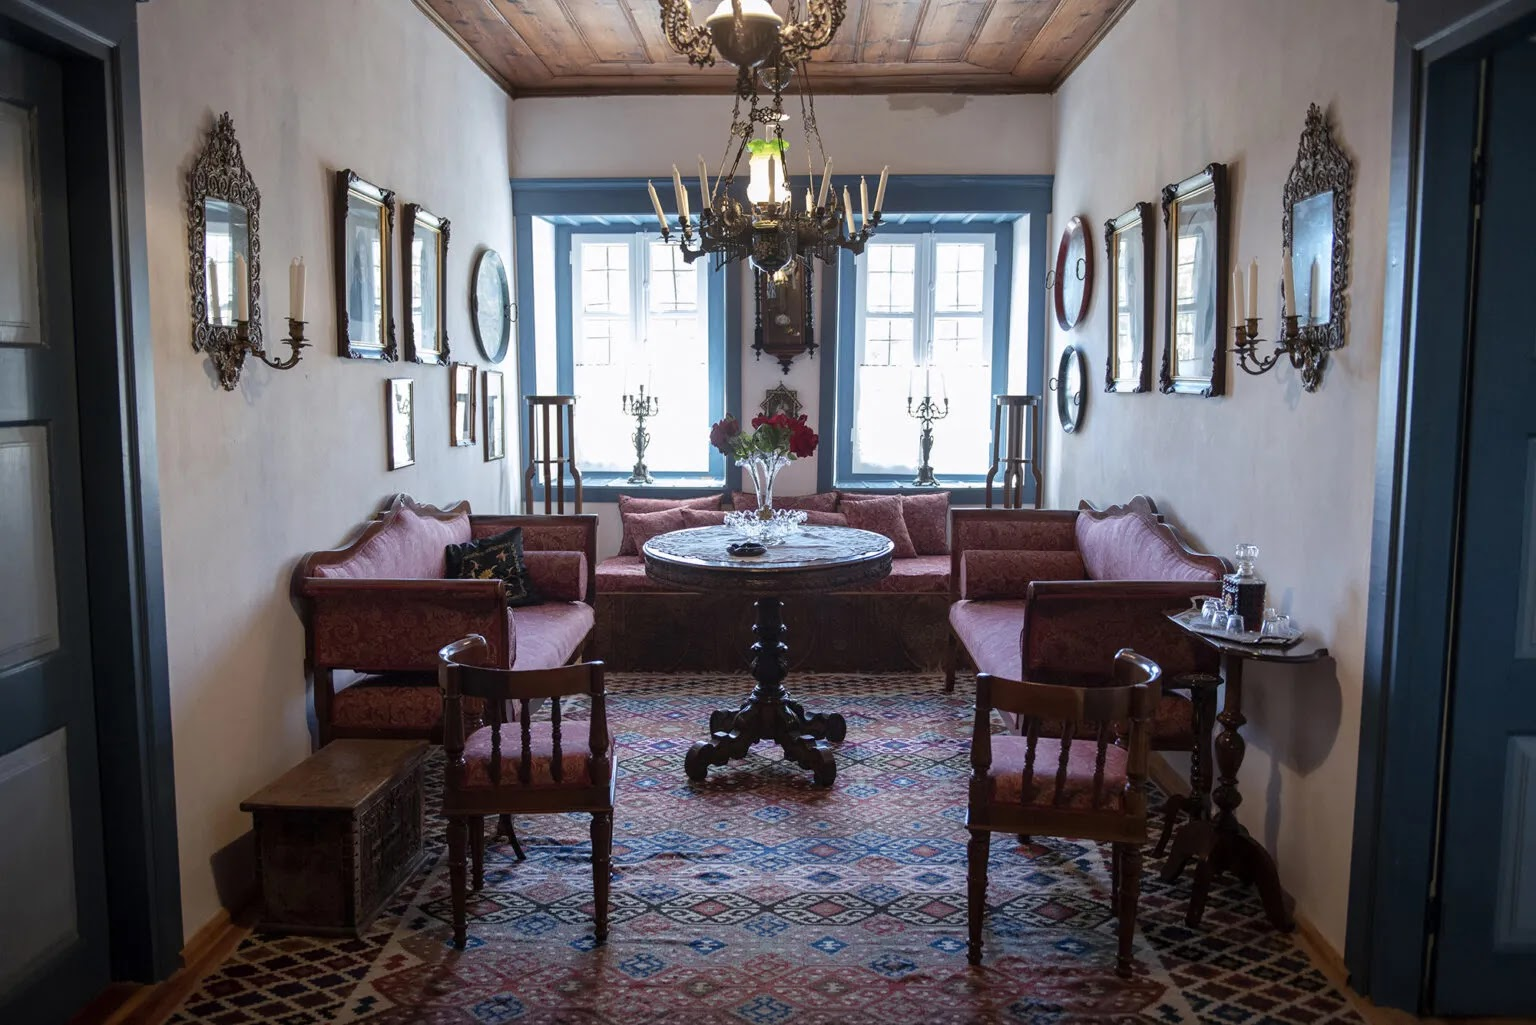 Αρχοντικό Ιωαννίδη, ένα σπίτι-μουσείο του 1876 στο Τσεπέλοβο Ζαγορίου!